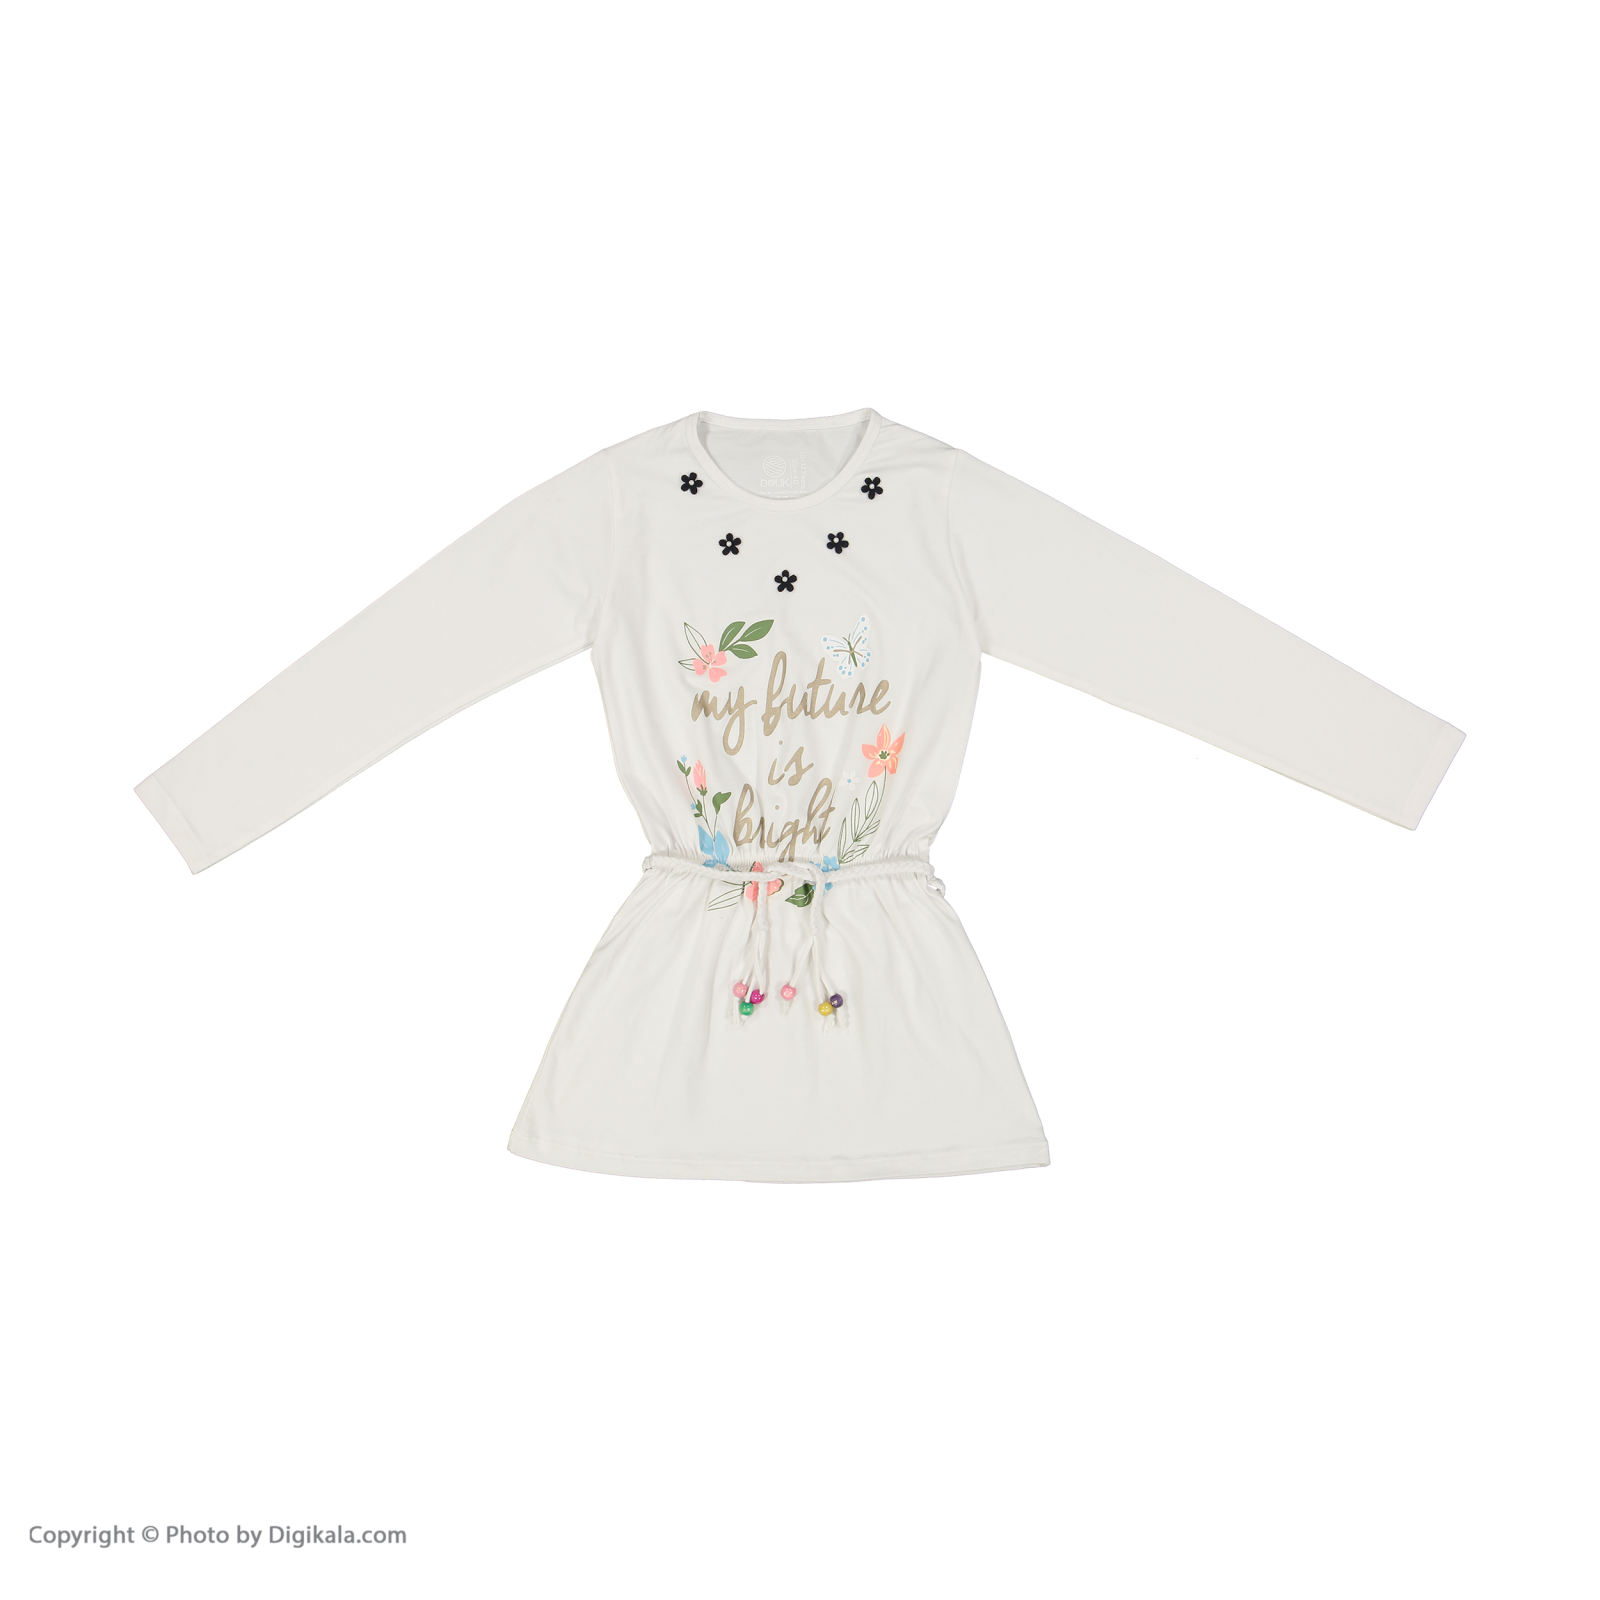 تی شرت دخترانه سون پون مدل 1391359-01 -  - 3